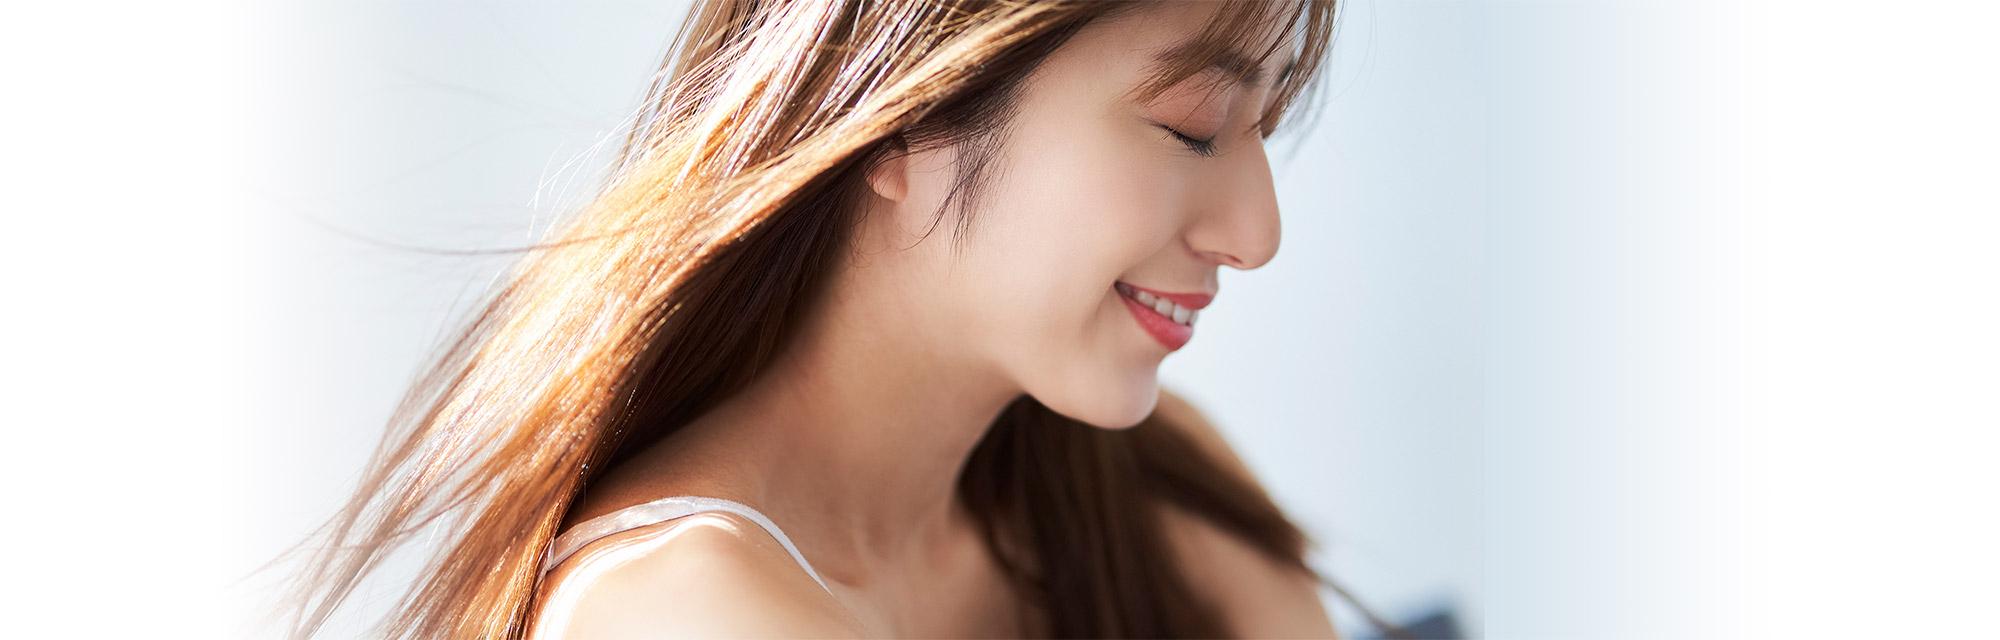 ワシ鼻修正術(鼻骨削り)